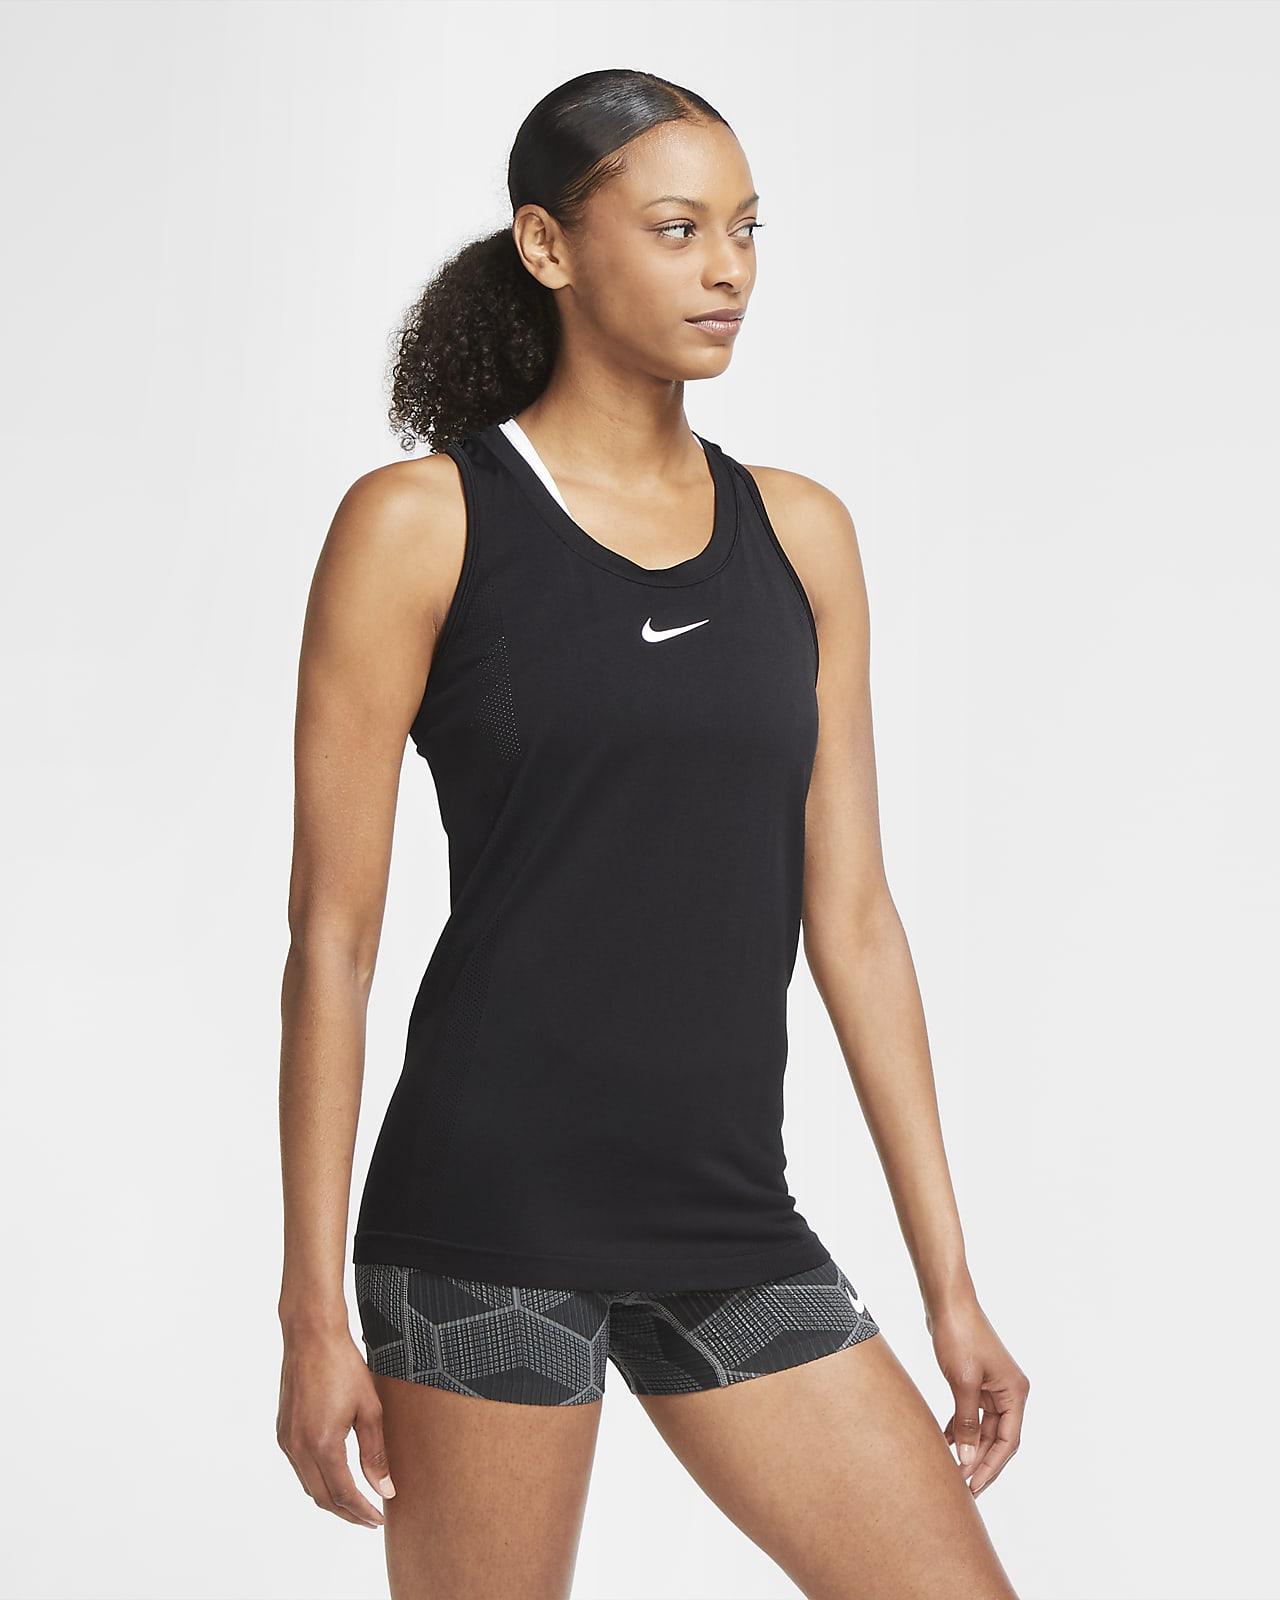 Canotta da running Nike Infinite - Donna